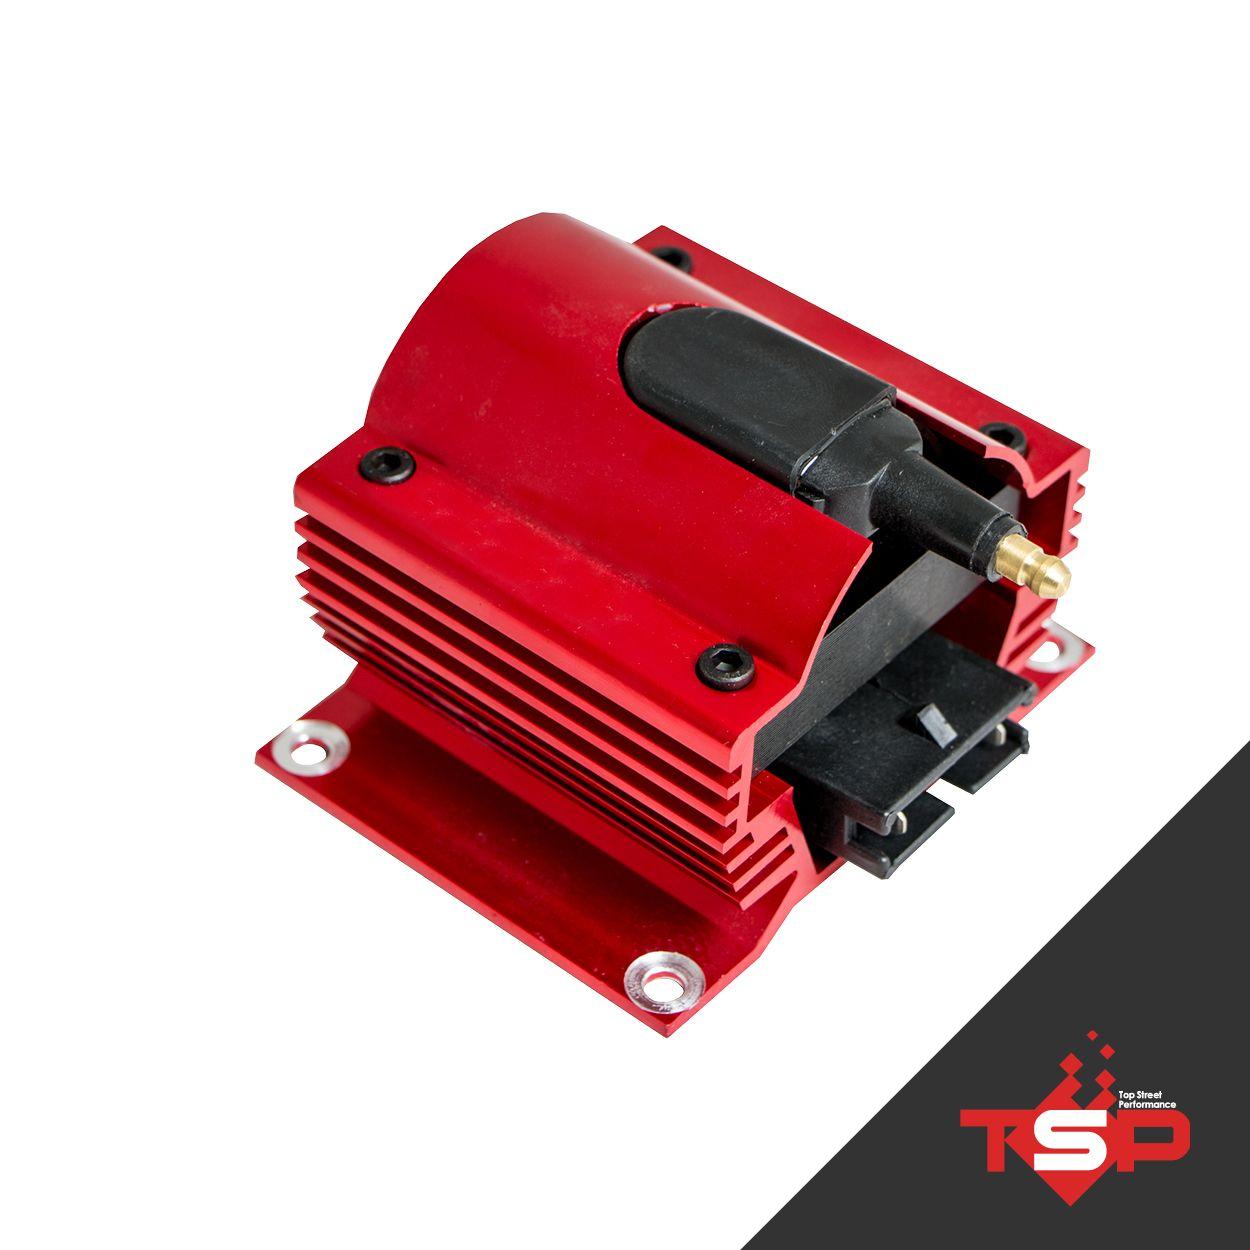 Jm6930r - Tsp Power Coil     Topstreetperformance